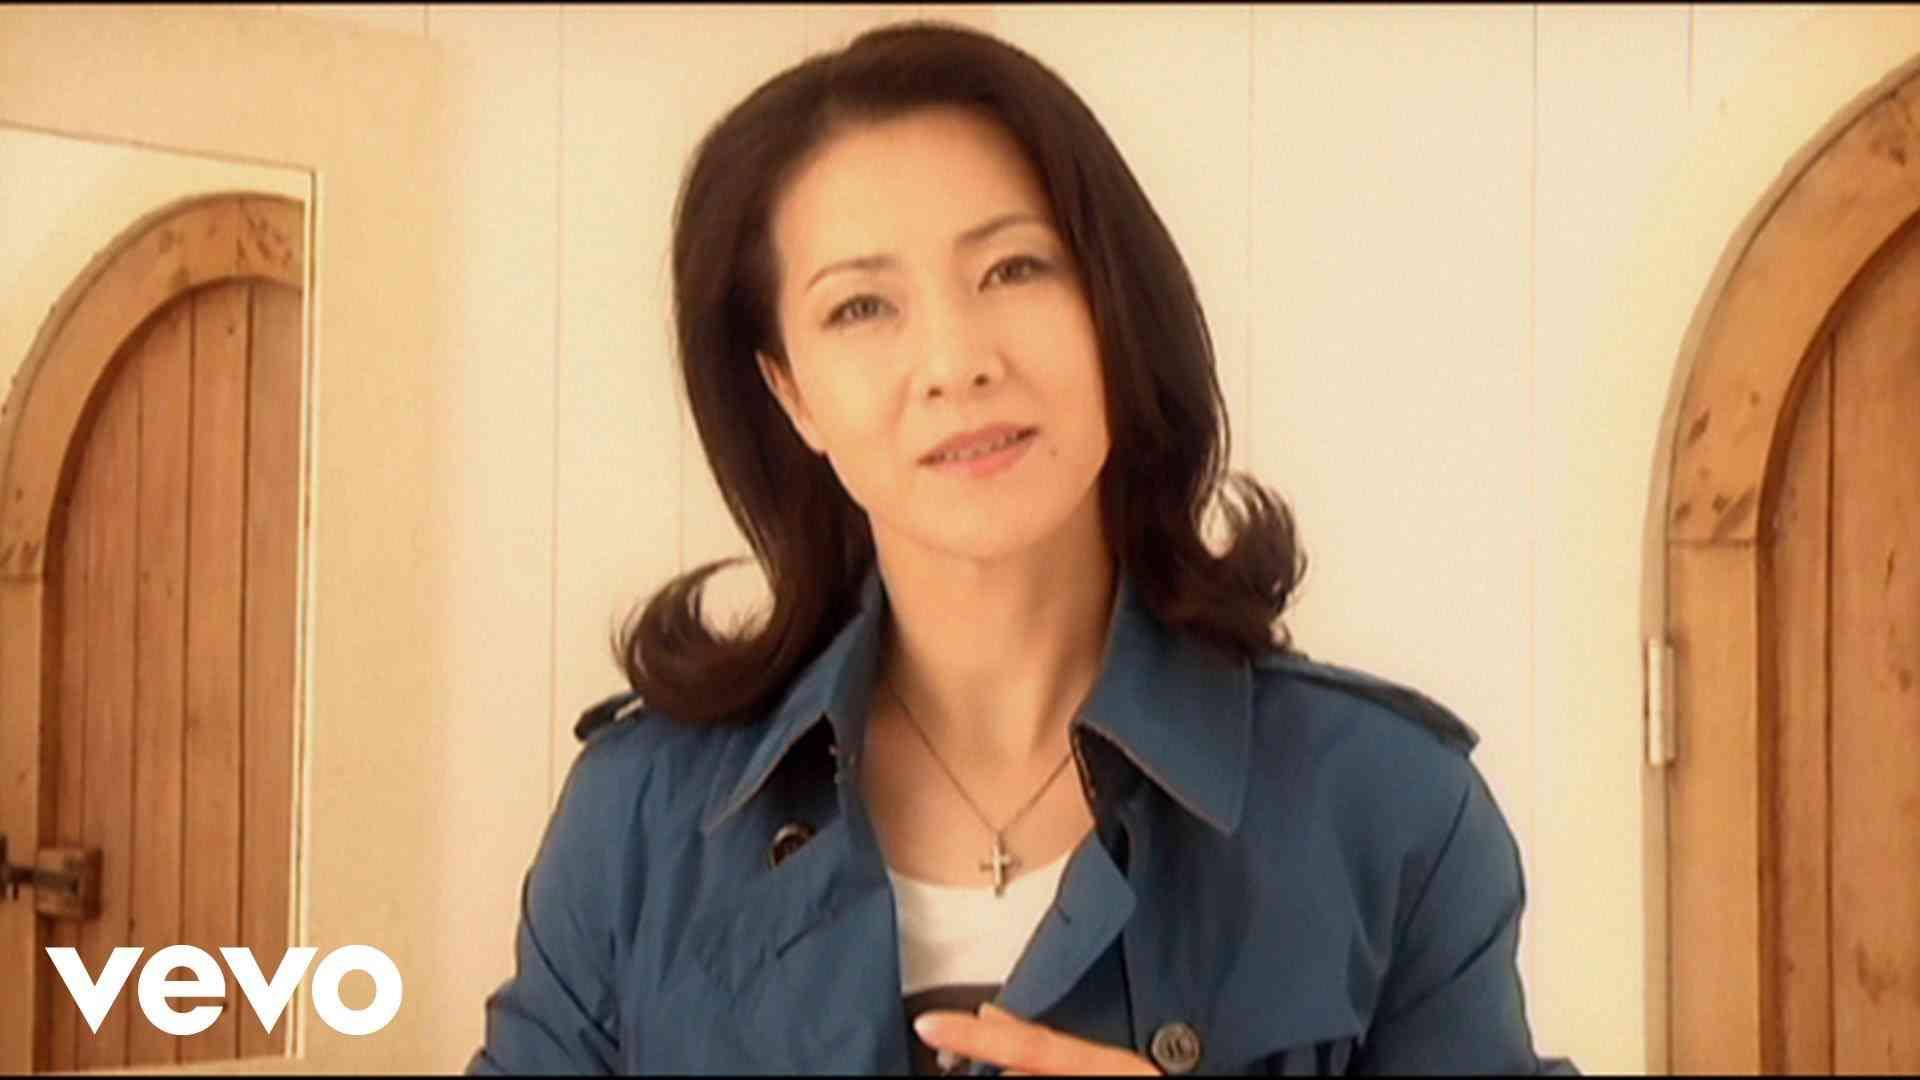 坂本冬美 - また君に恋してる - YouTube